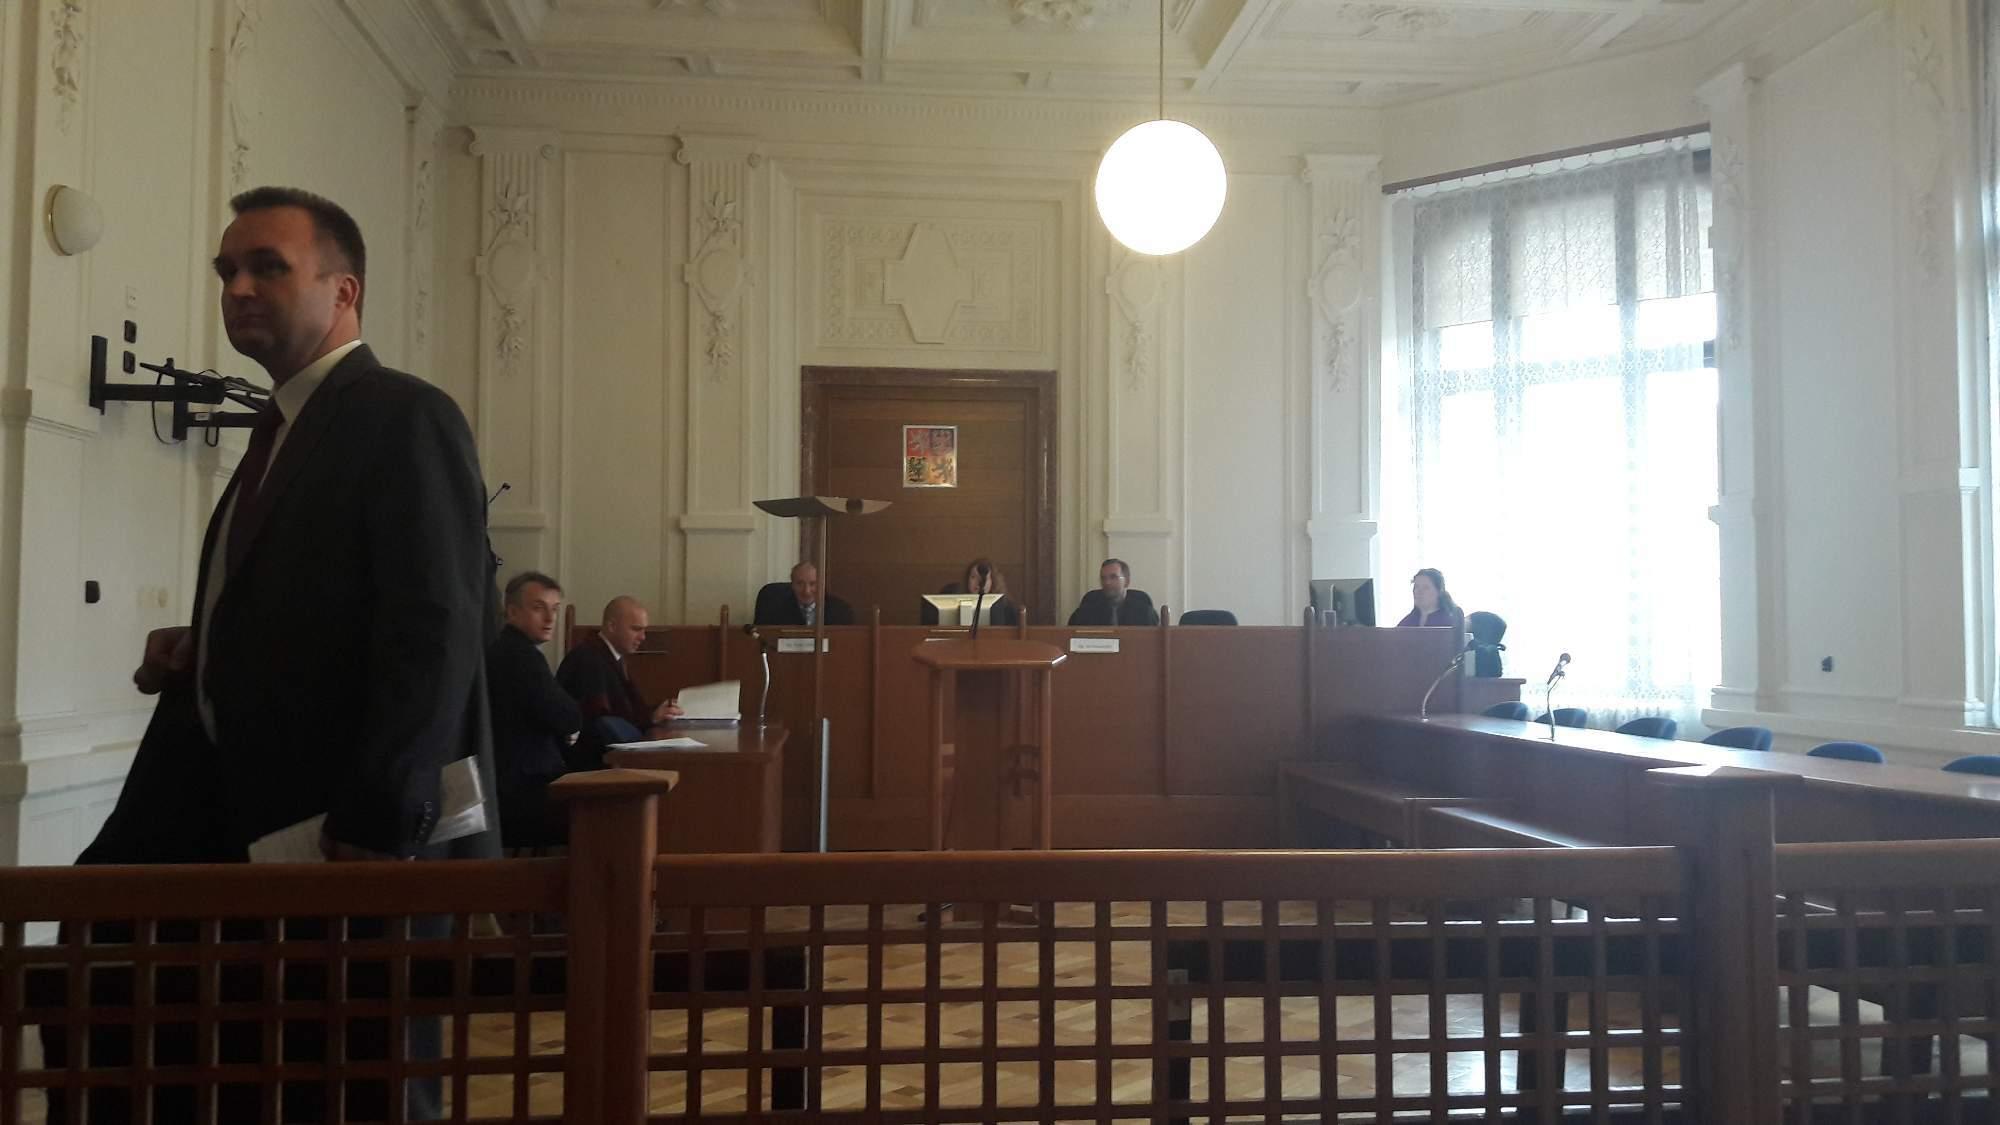 Obžalovaný Miloslav Machalouš v případu solární elektrárny v Krupce na Teplicku. / Autor: Tereza Hálová